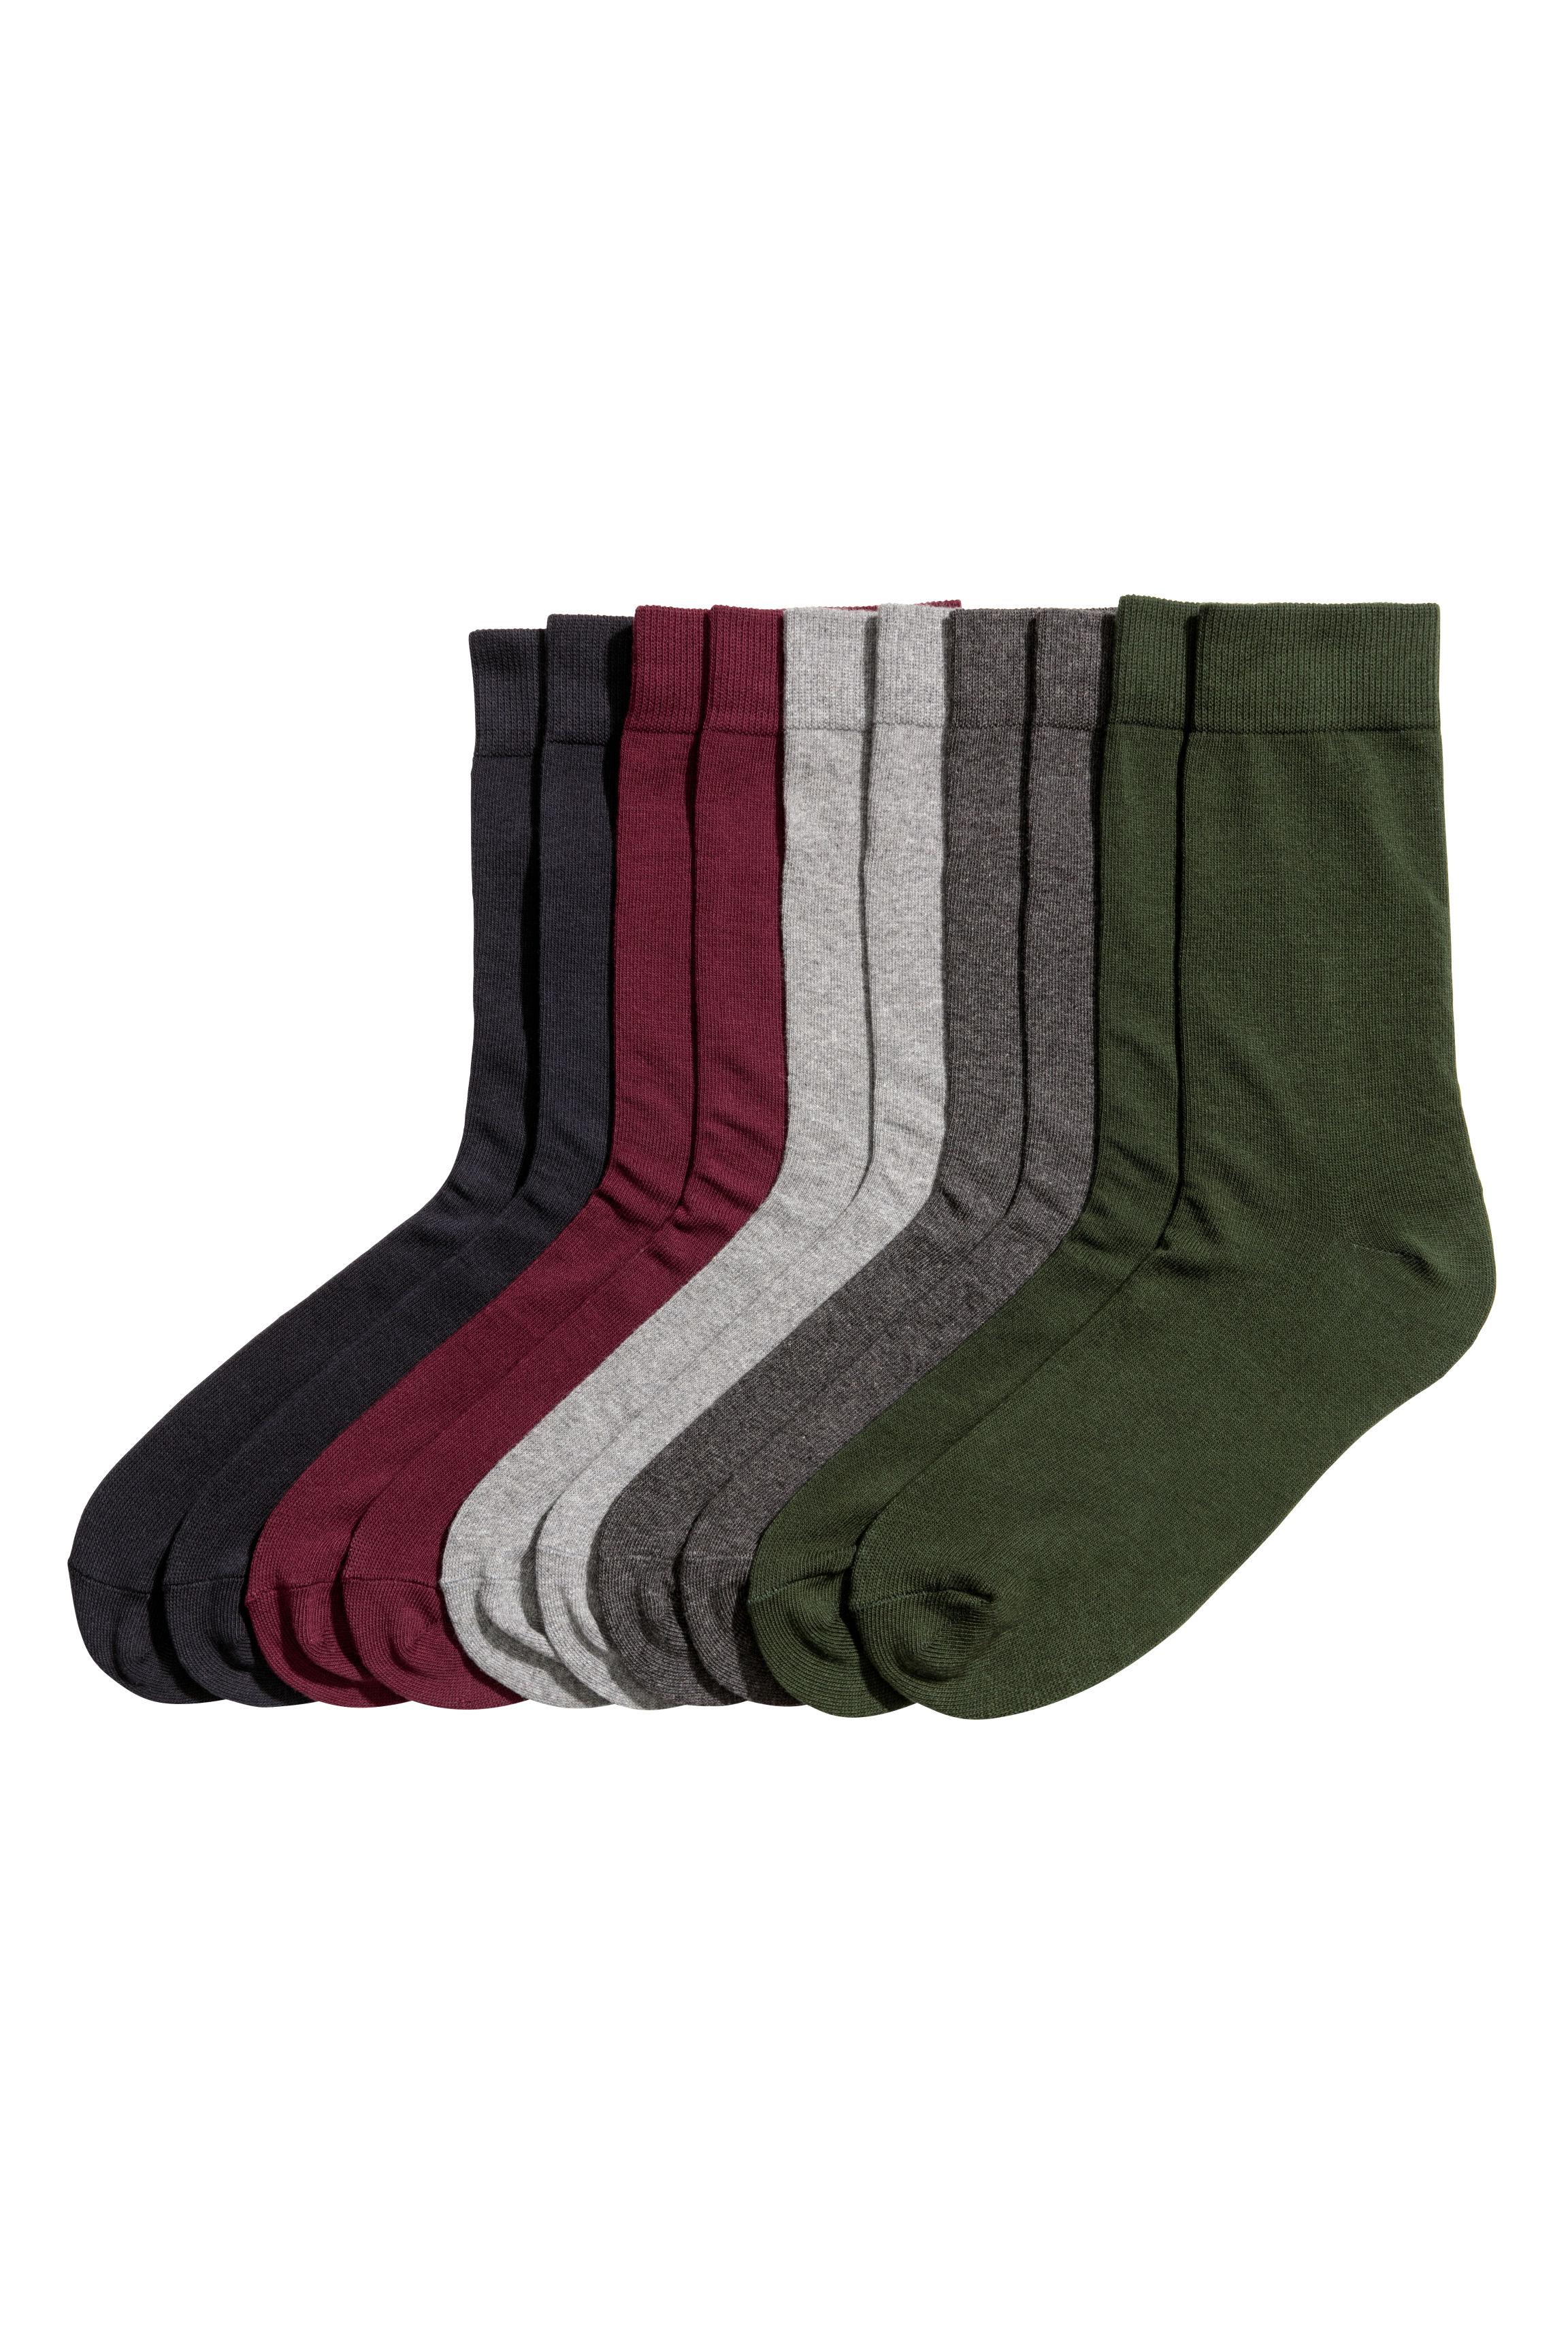 707c68402 10-pack sokker